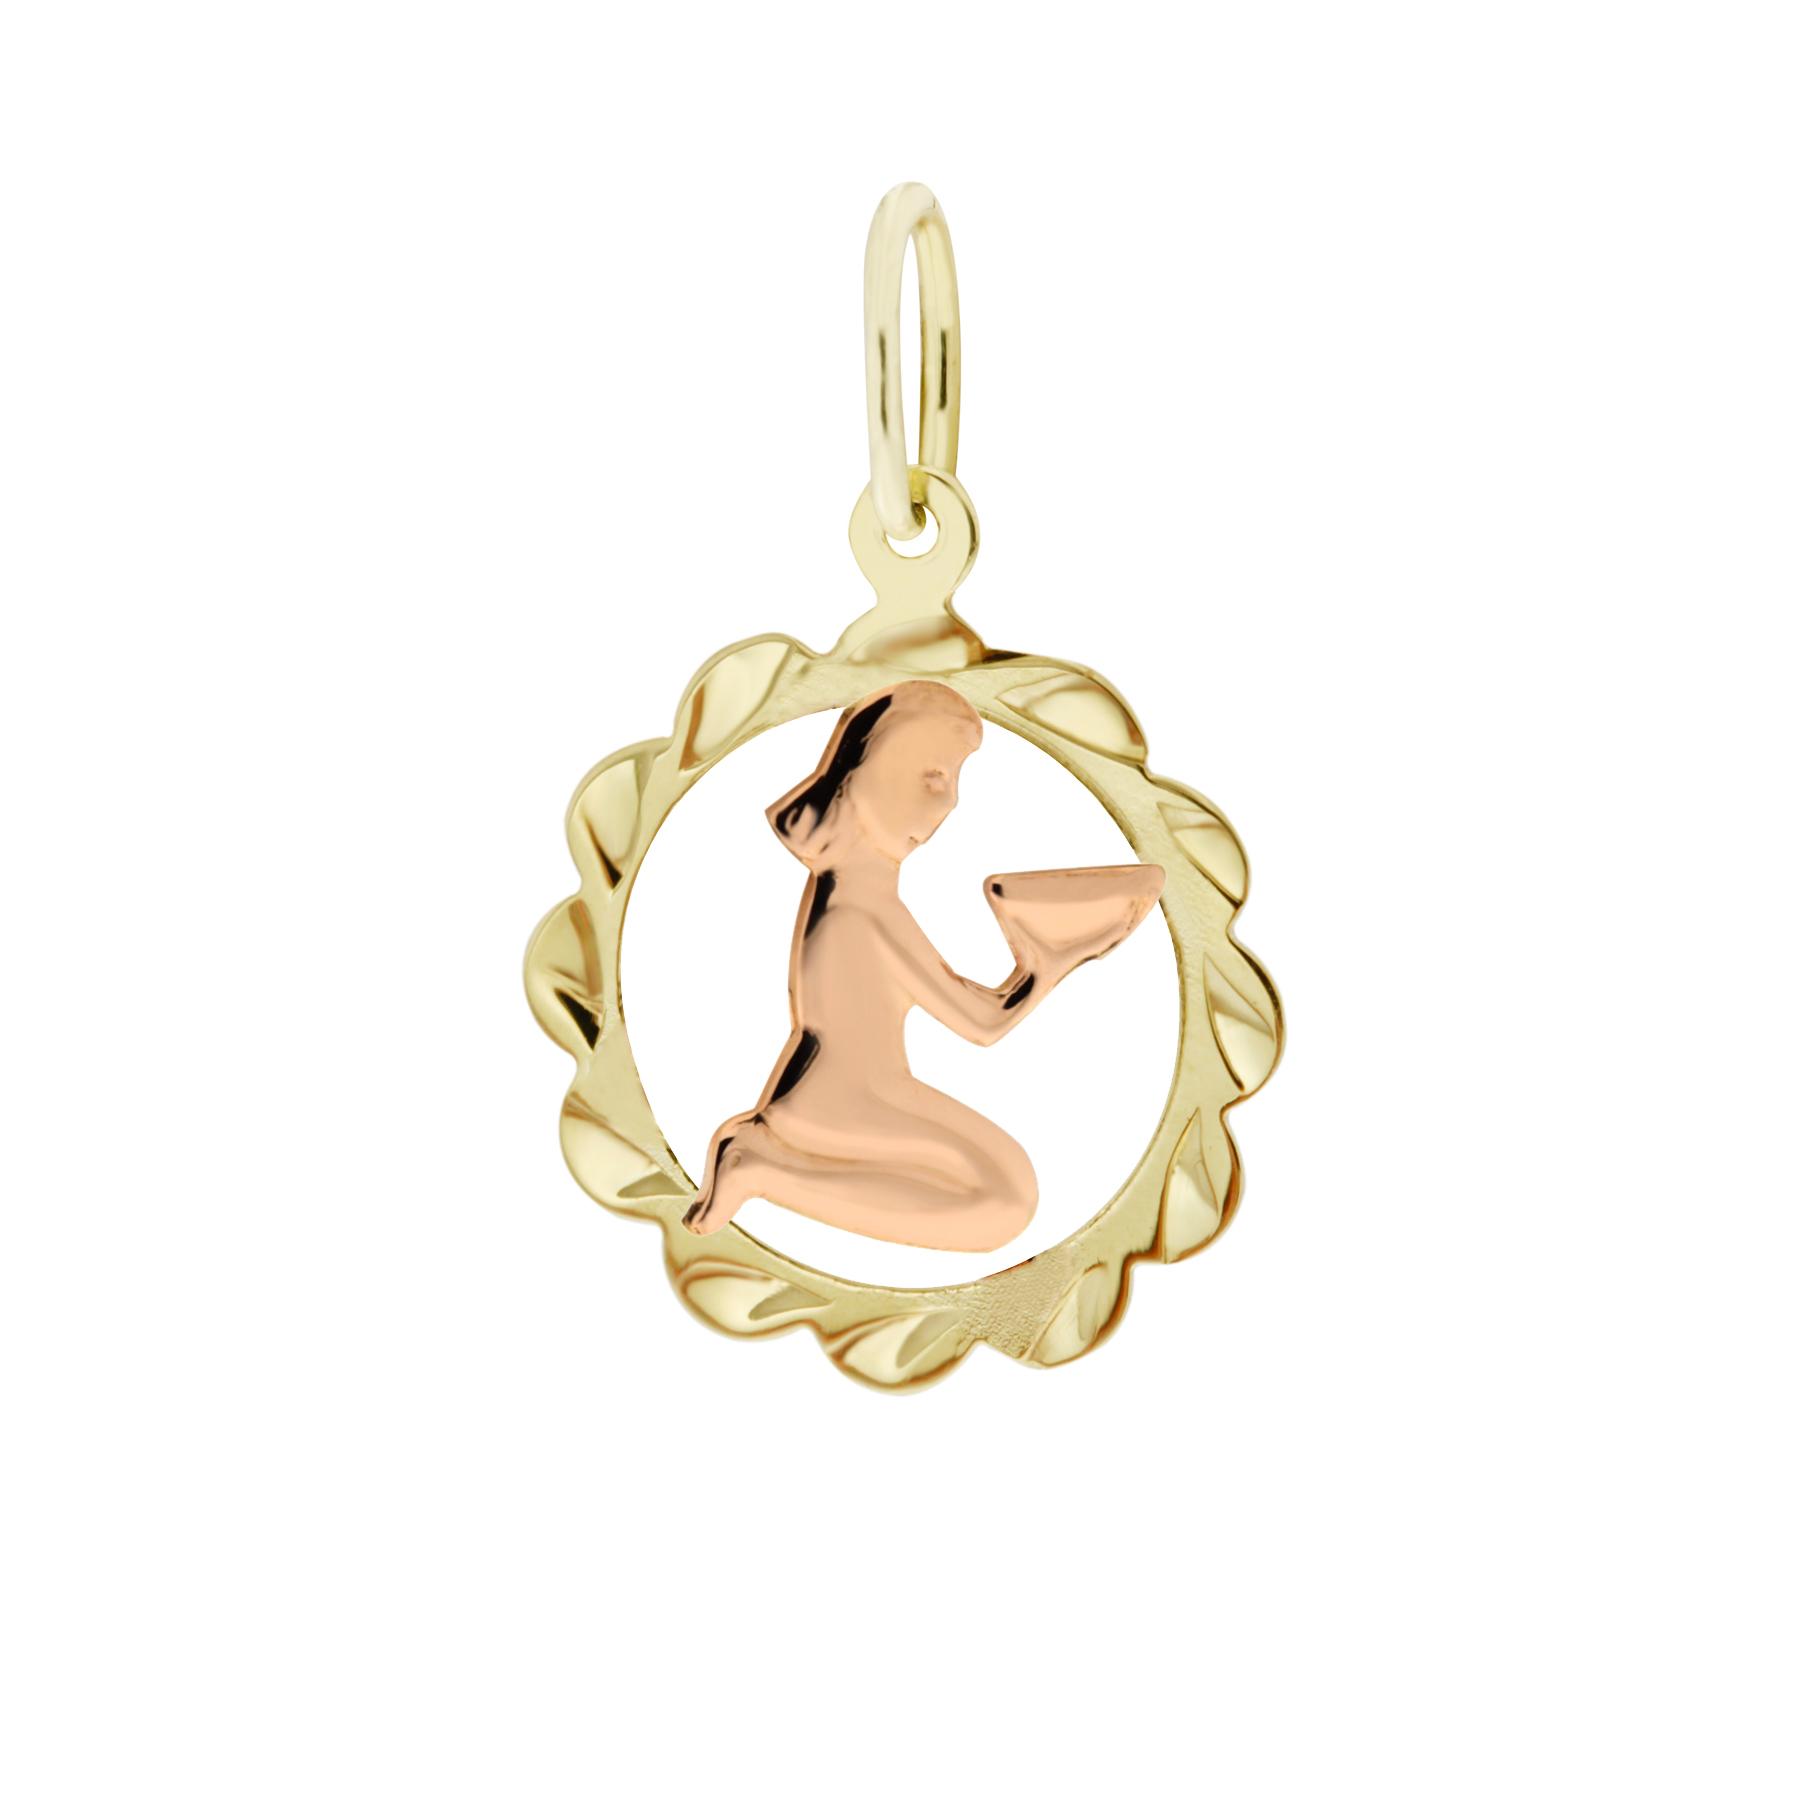 Zlatý přívěsek - znamení zvěrokruhu Panna Tvar: Kytička, rytý rámeček